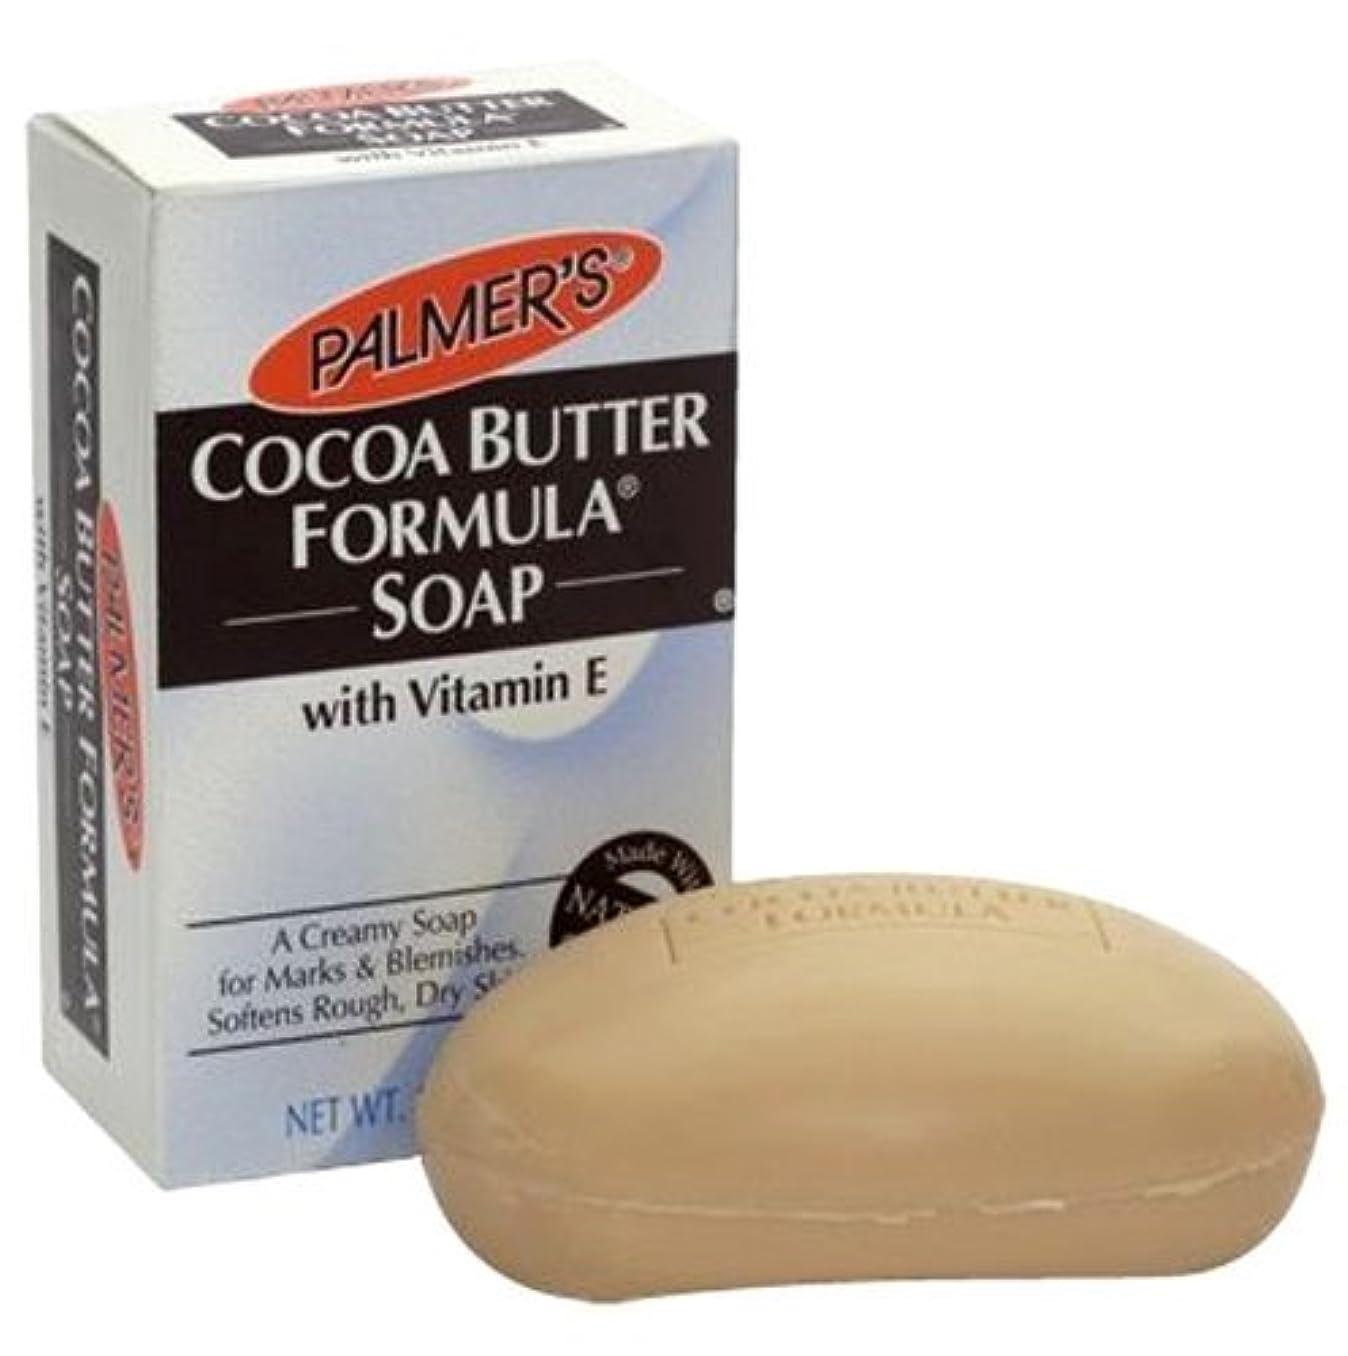 別に見つける知性Palmer's ココアバターフォーミュラデイリースキンセラピー石鹸3.5オズ